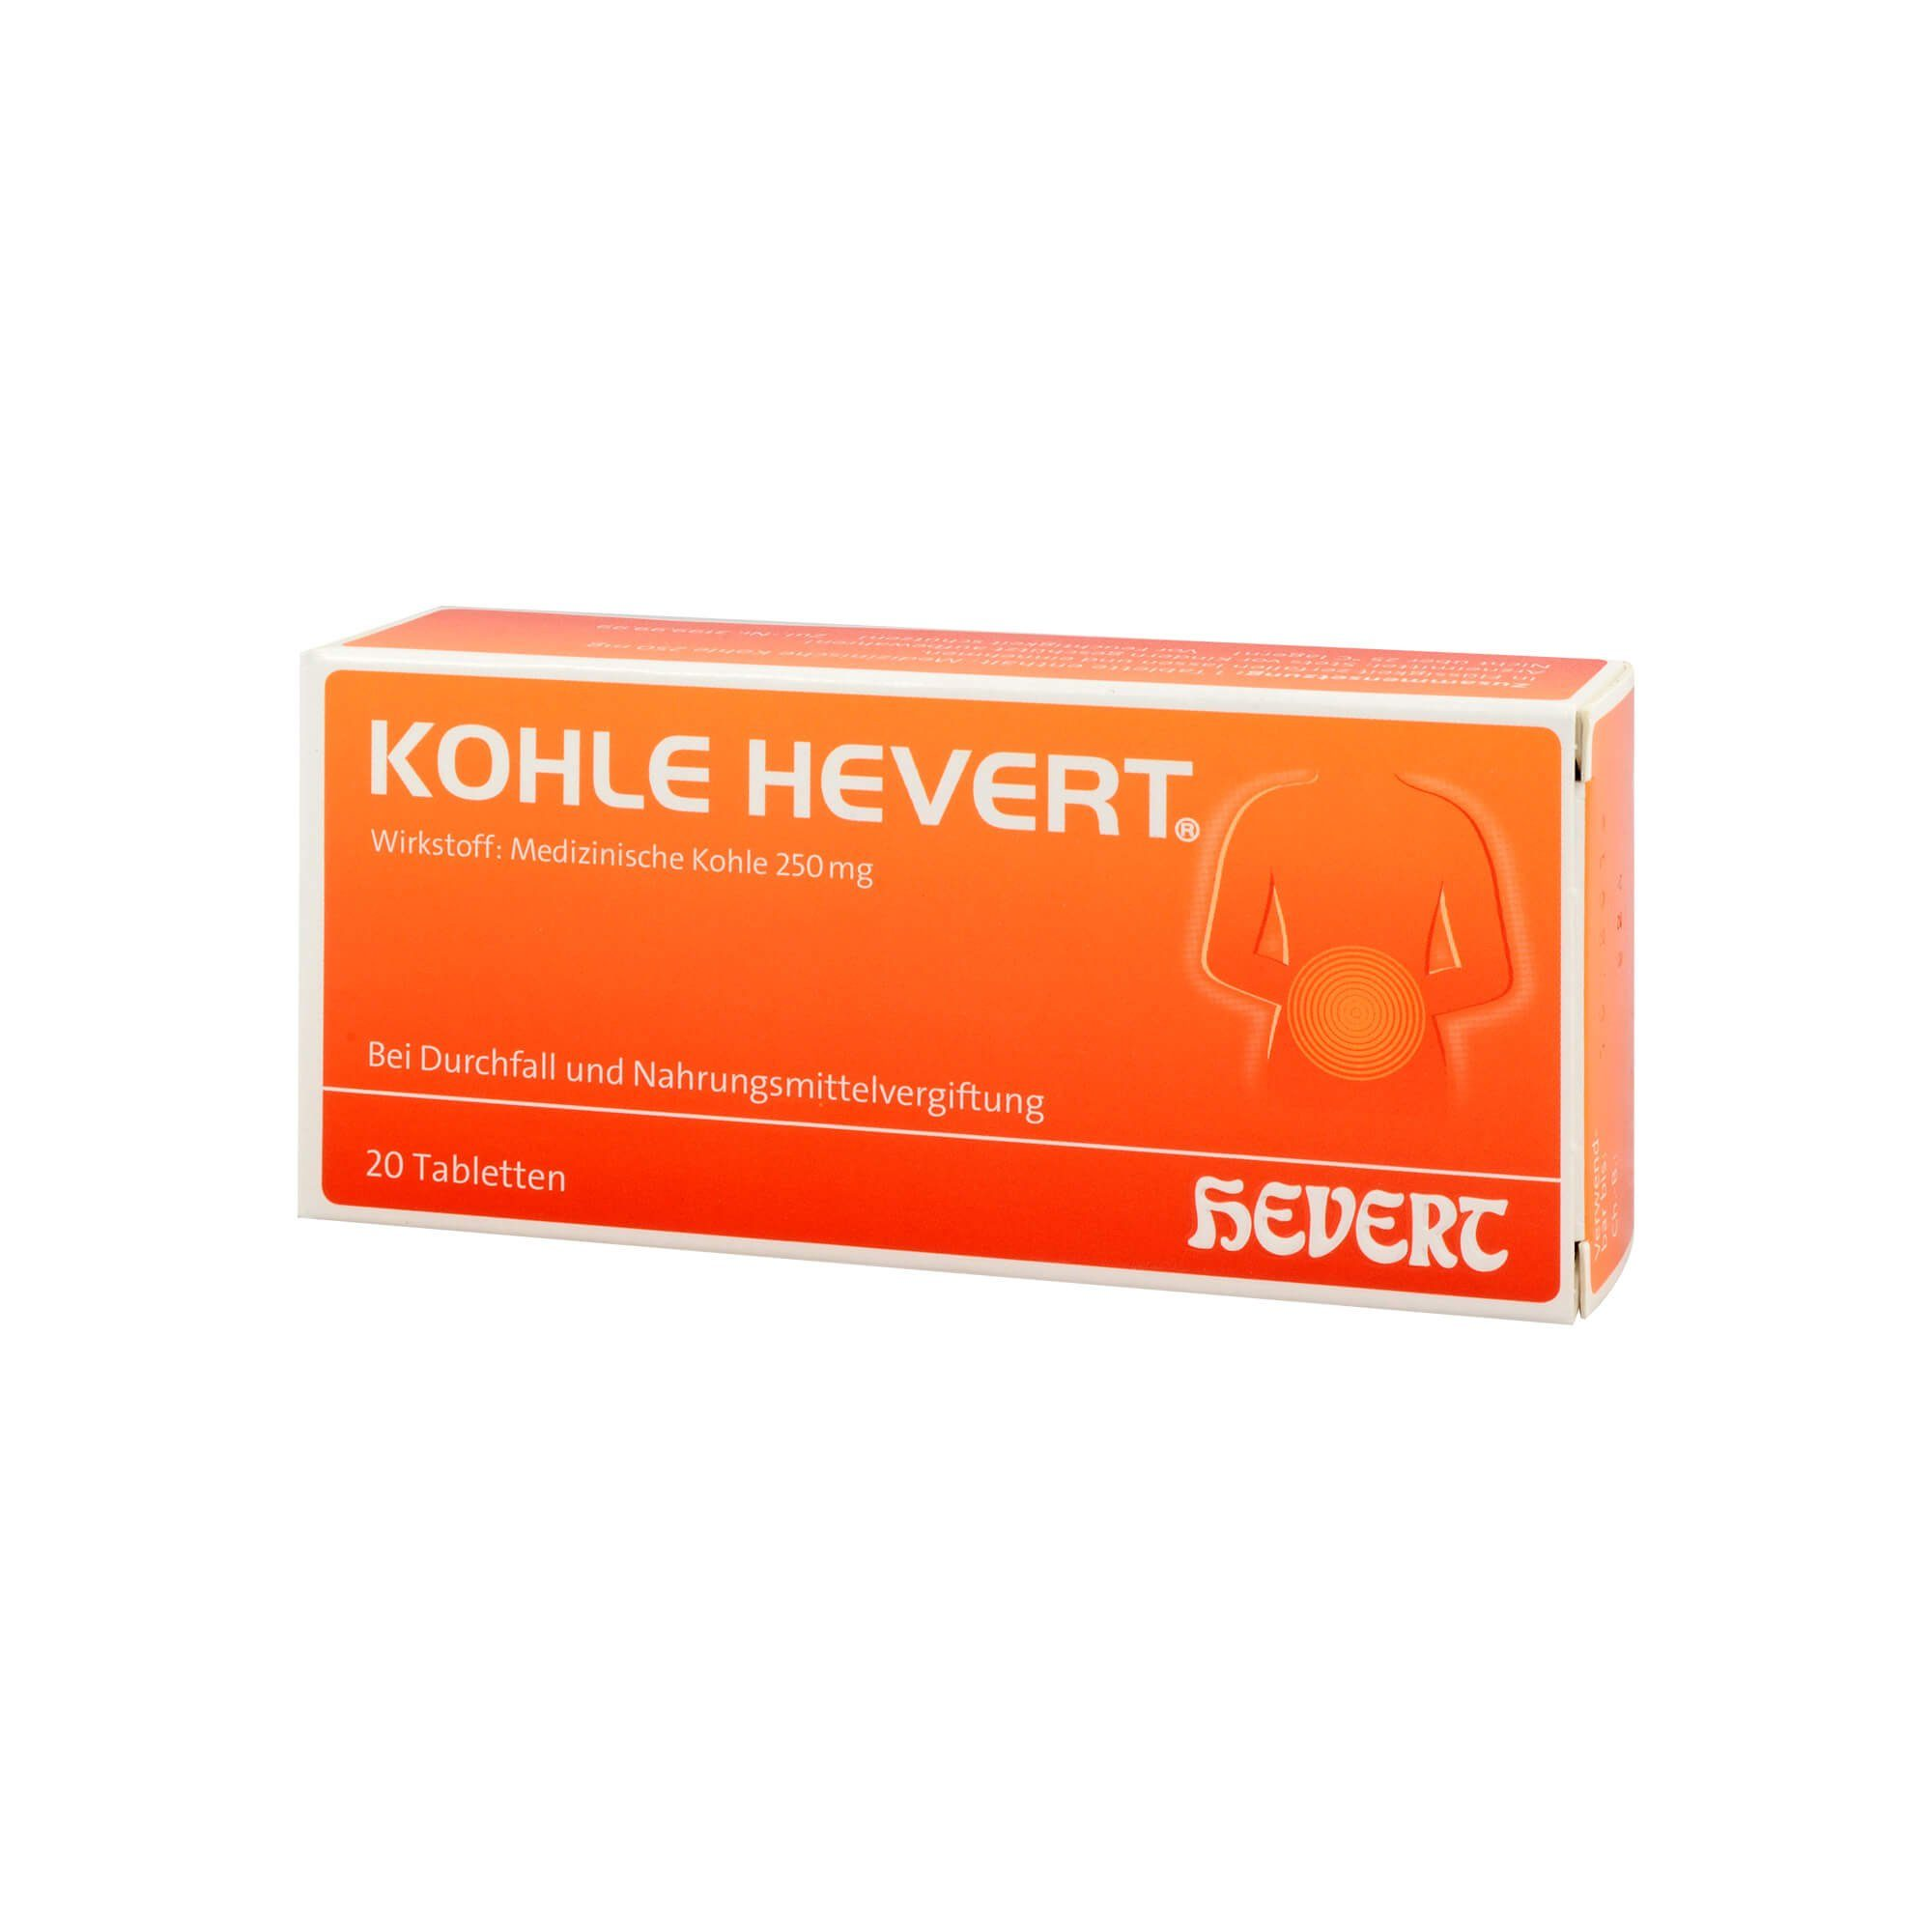 Kohle Hevert, 20 St